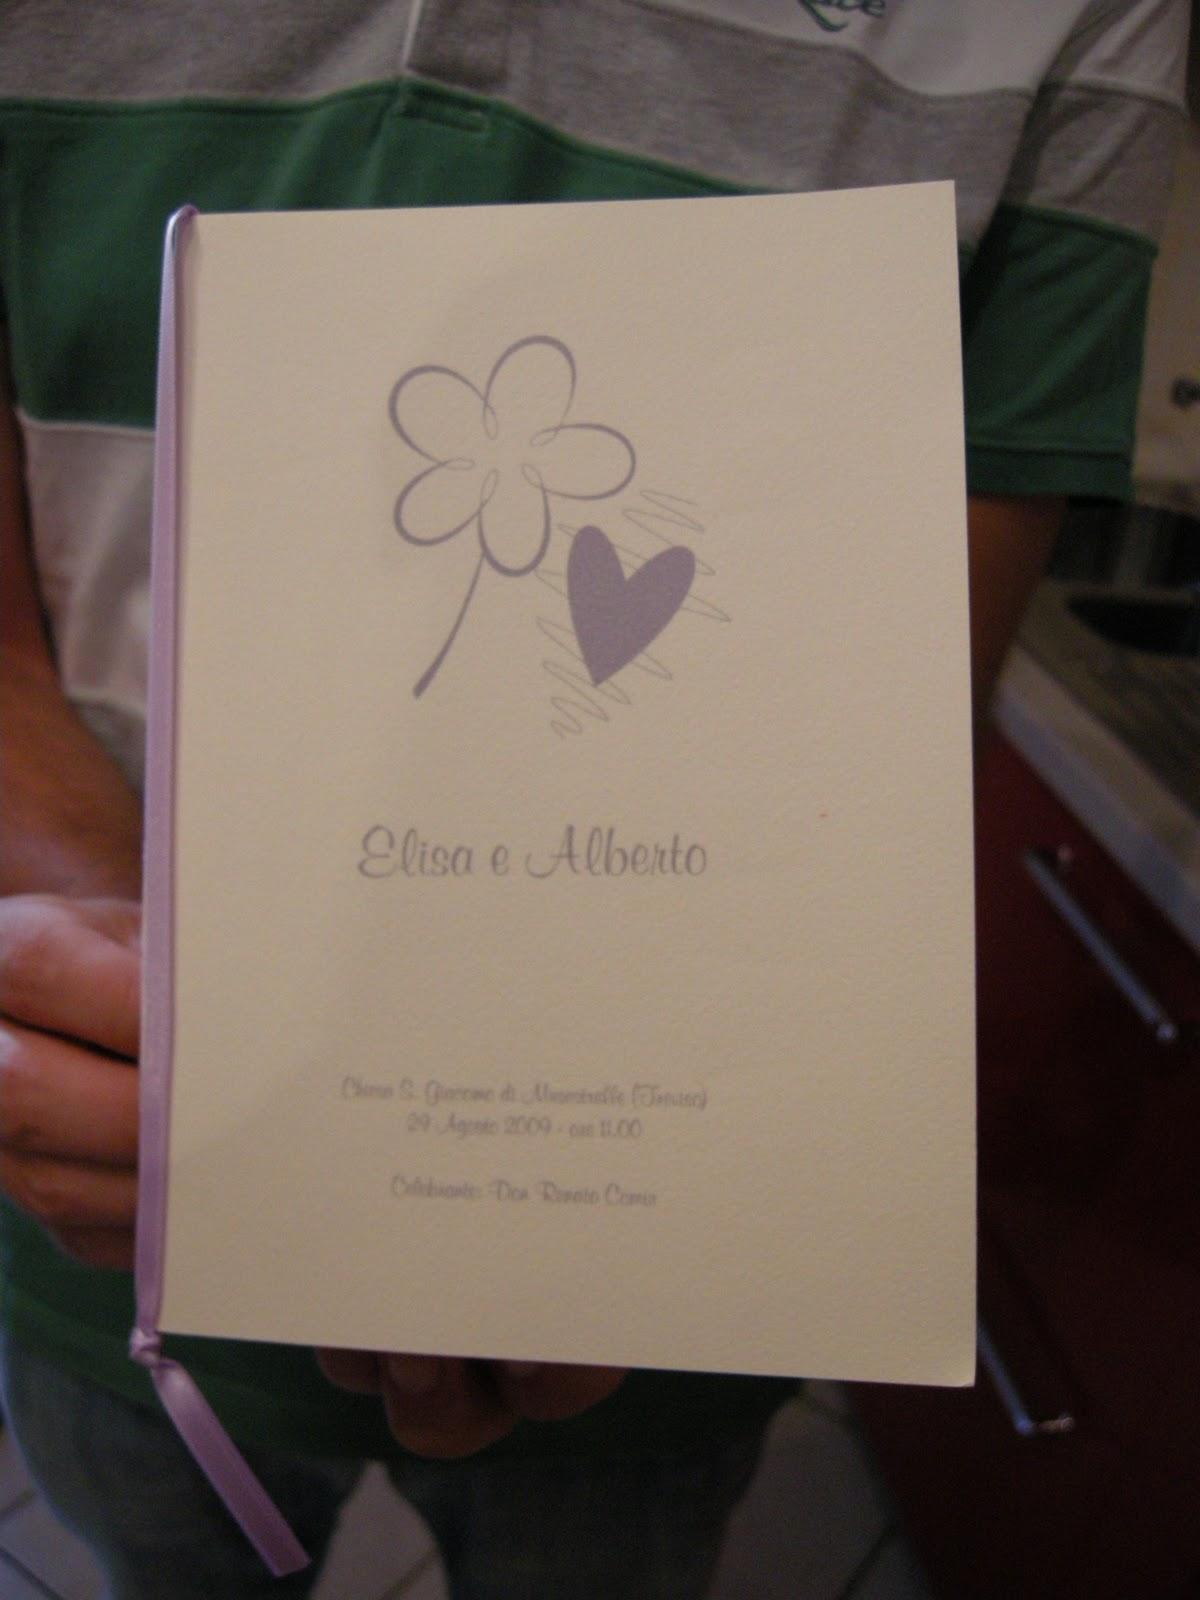 Matrimonio Simbolico Libretto : Il mio matrimonio libretto messa the irish princess